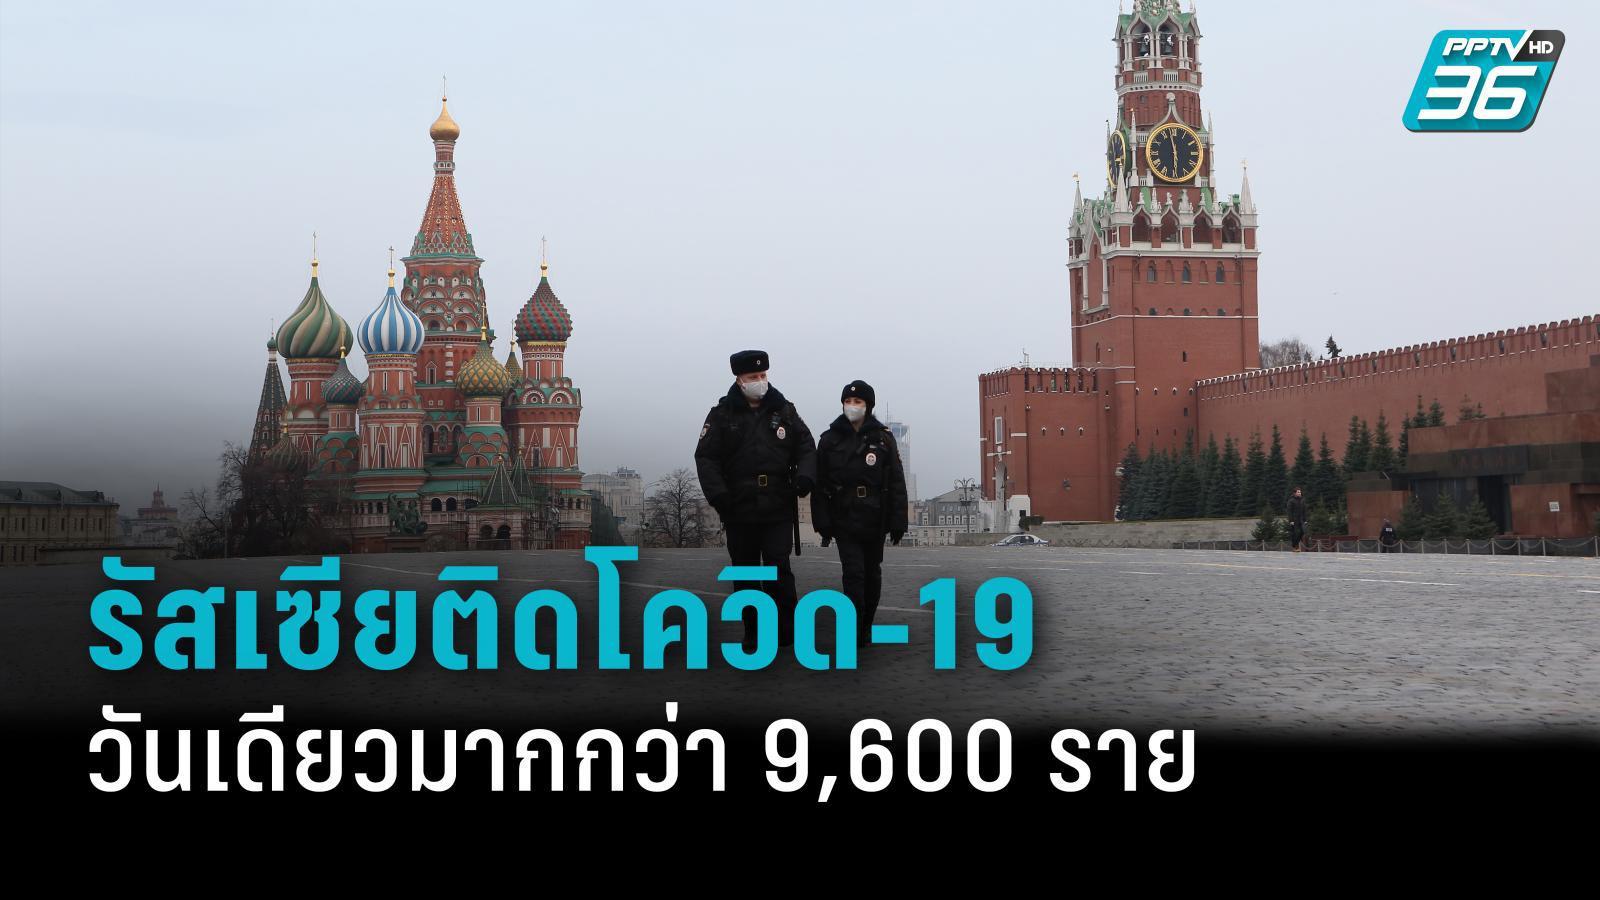 รัสเซียติด โควิด-19 พุ่งวันเดียว 9,600 ราย